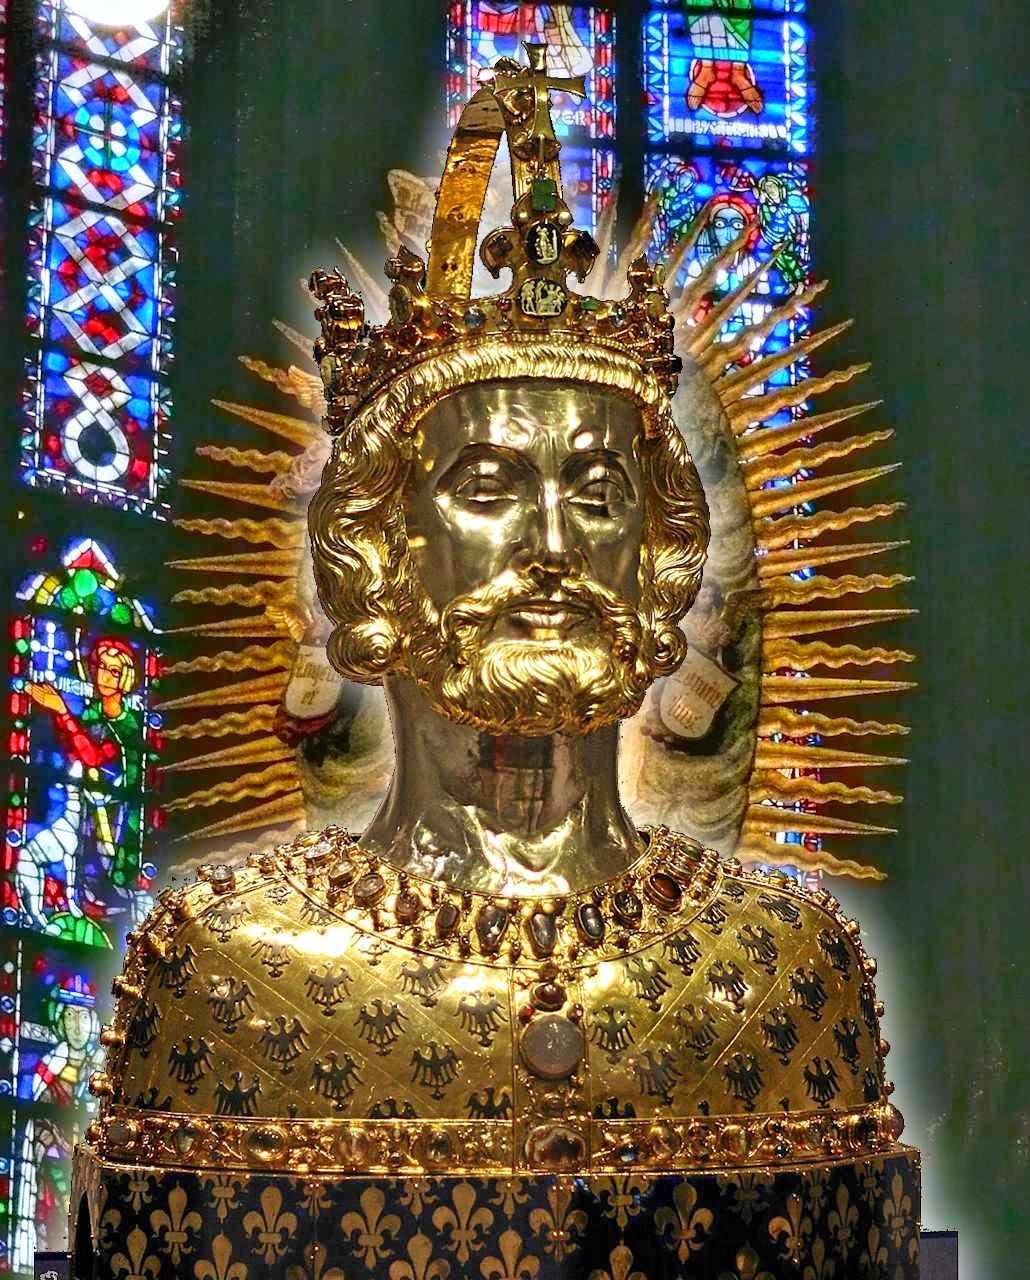 Busto-relicário de Carlos Magno na catedral de Aachen, Alemanha.